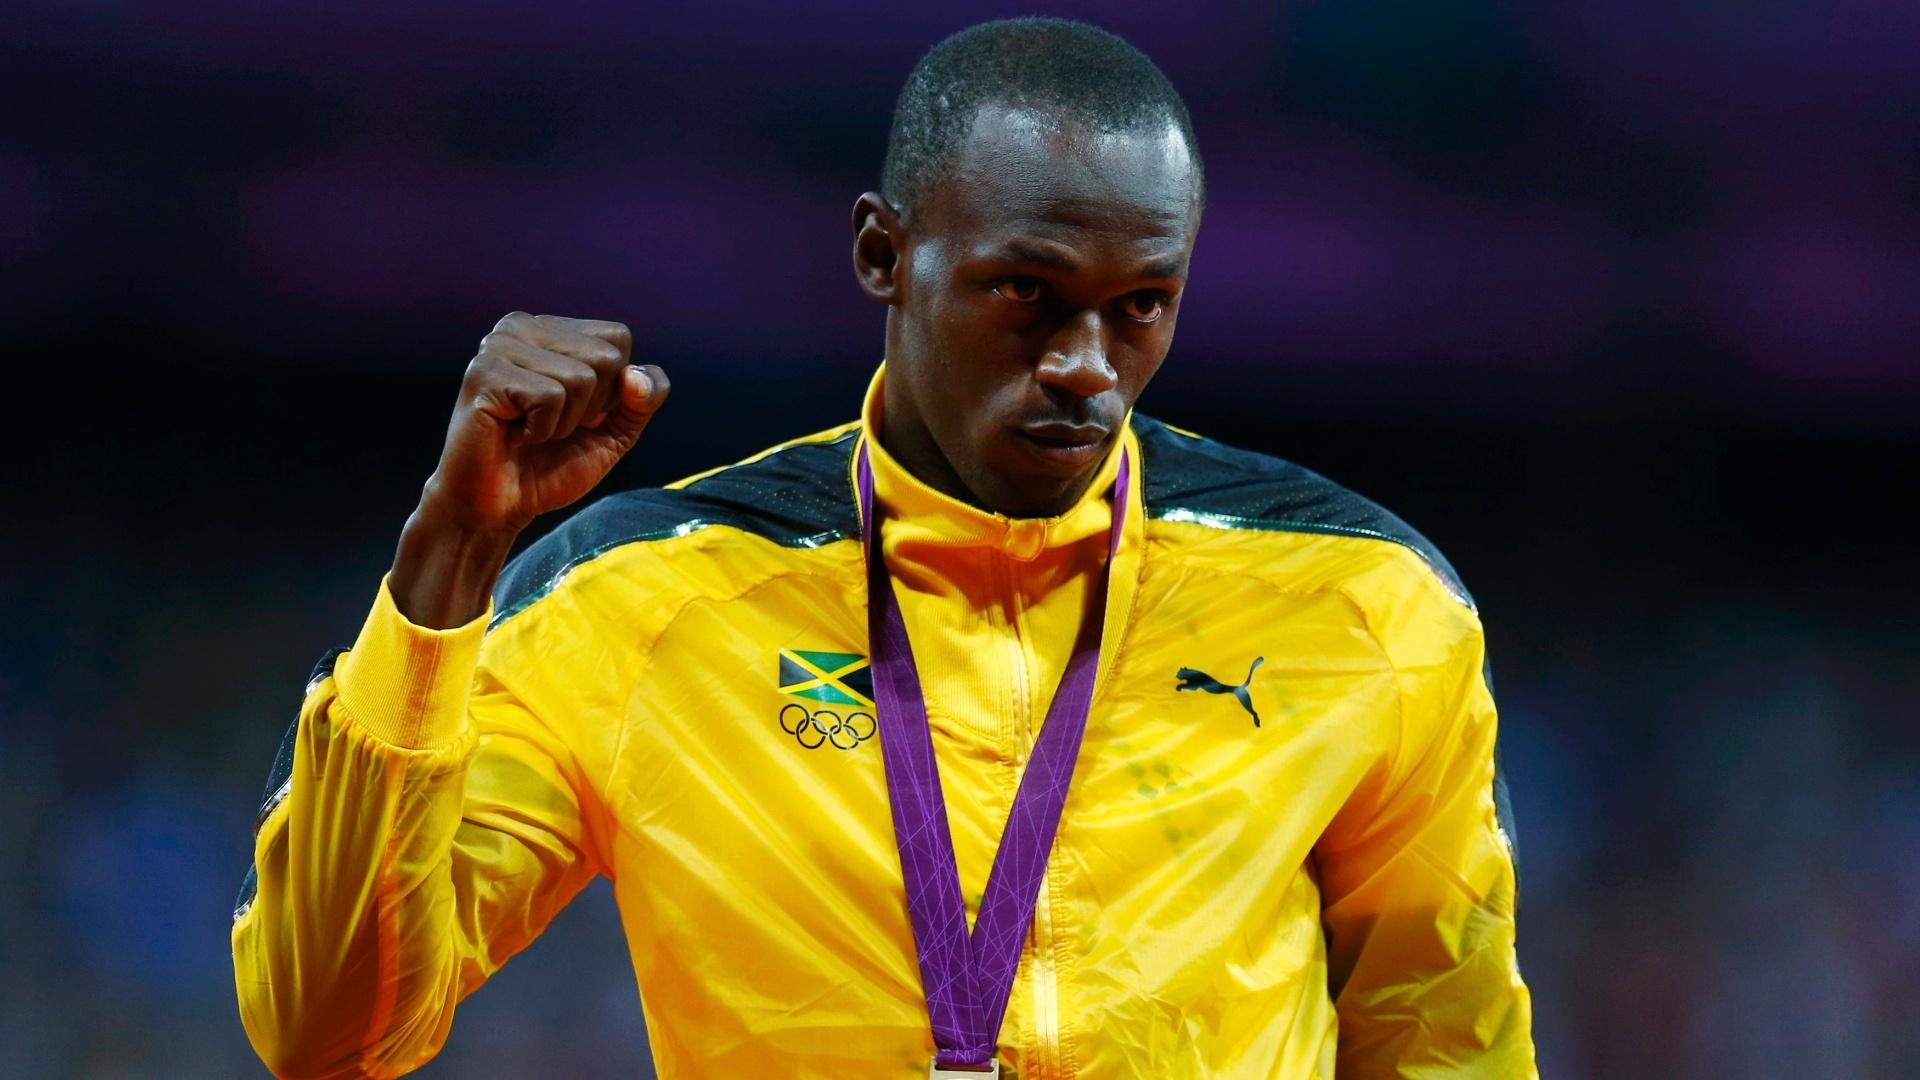 Bicampeão olímpico dos 100 m rasos, o jamaicano Usain Bolt exibe o punho direito cerrado